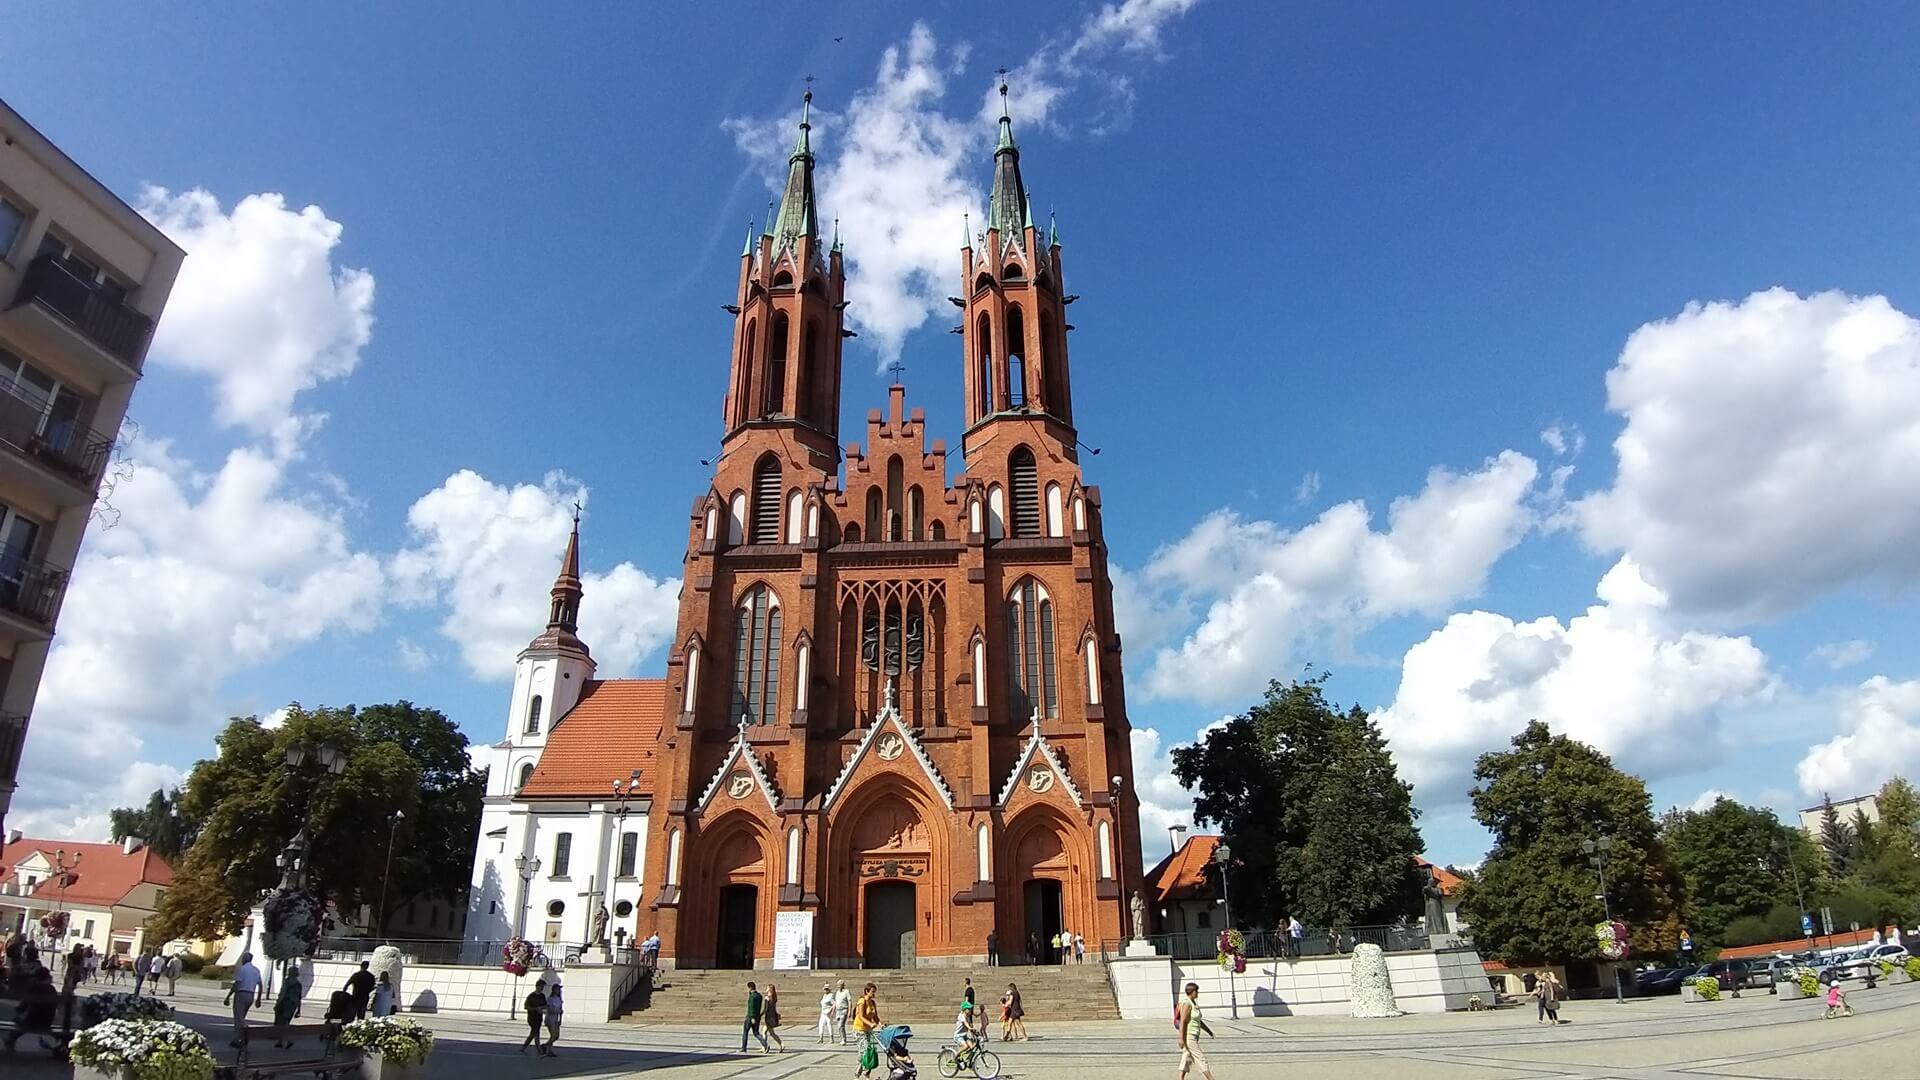 Kościół farny w centrum Białegostoku, fot. Wojciech Szubzda